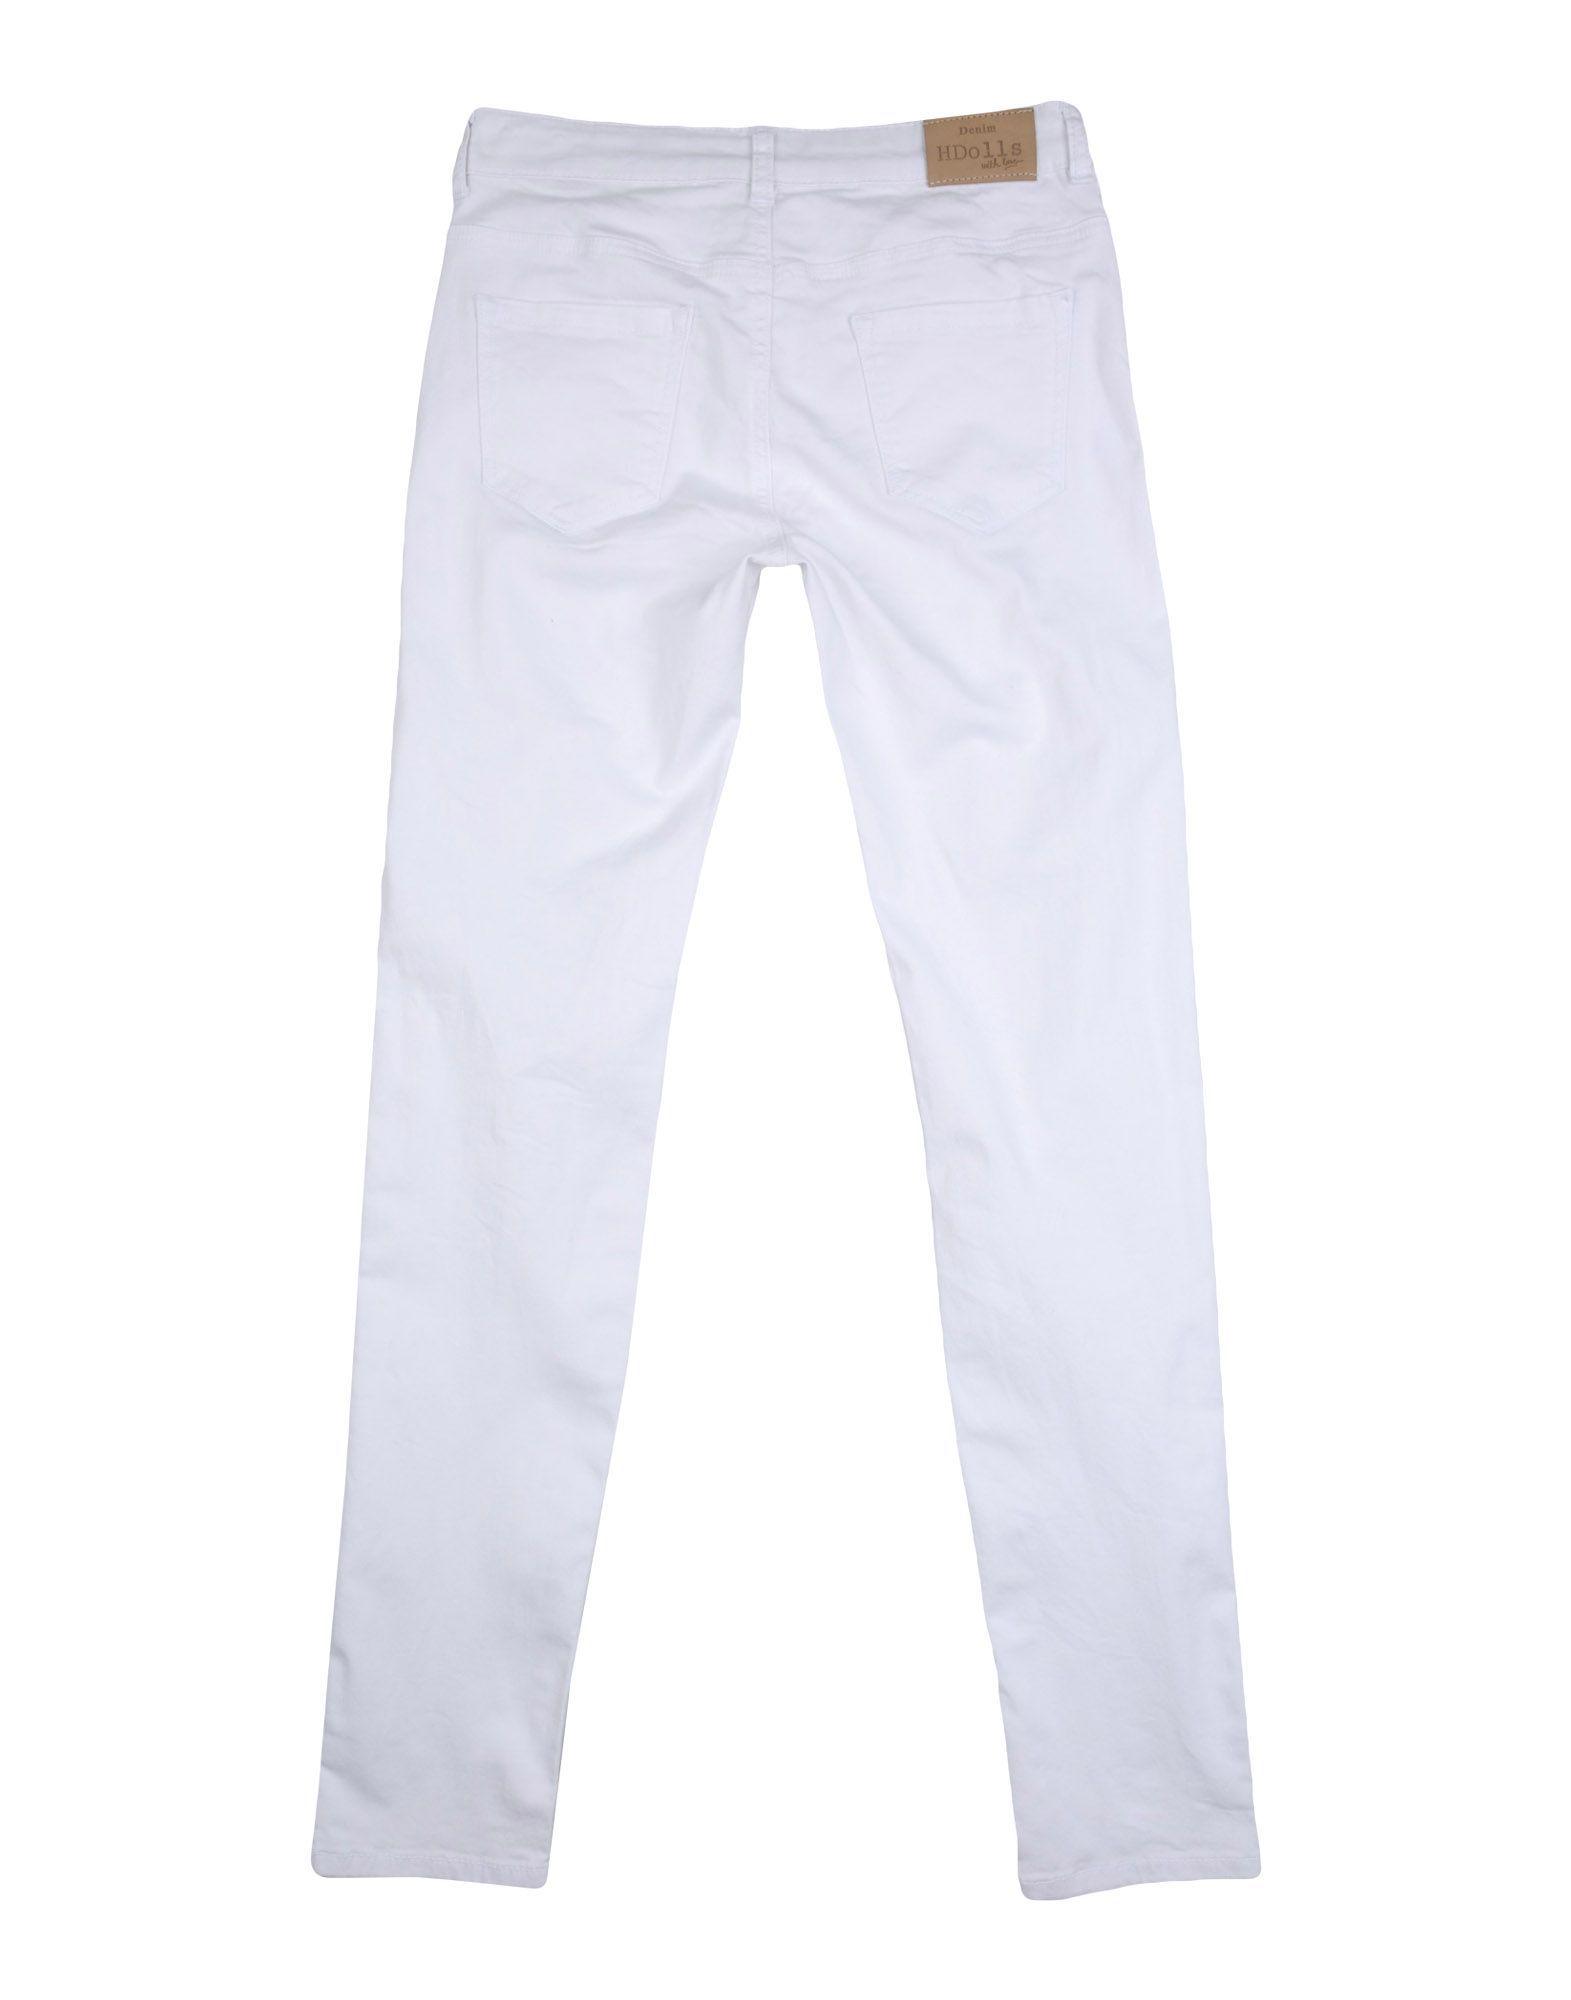 Silvian Heach Girl Casual trousers White Cotton